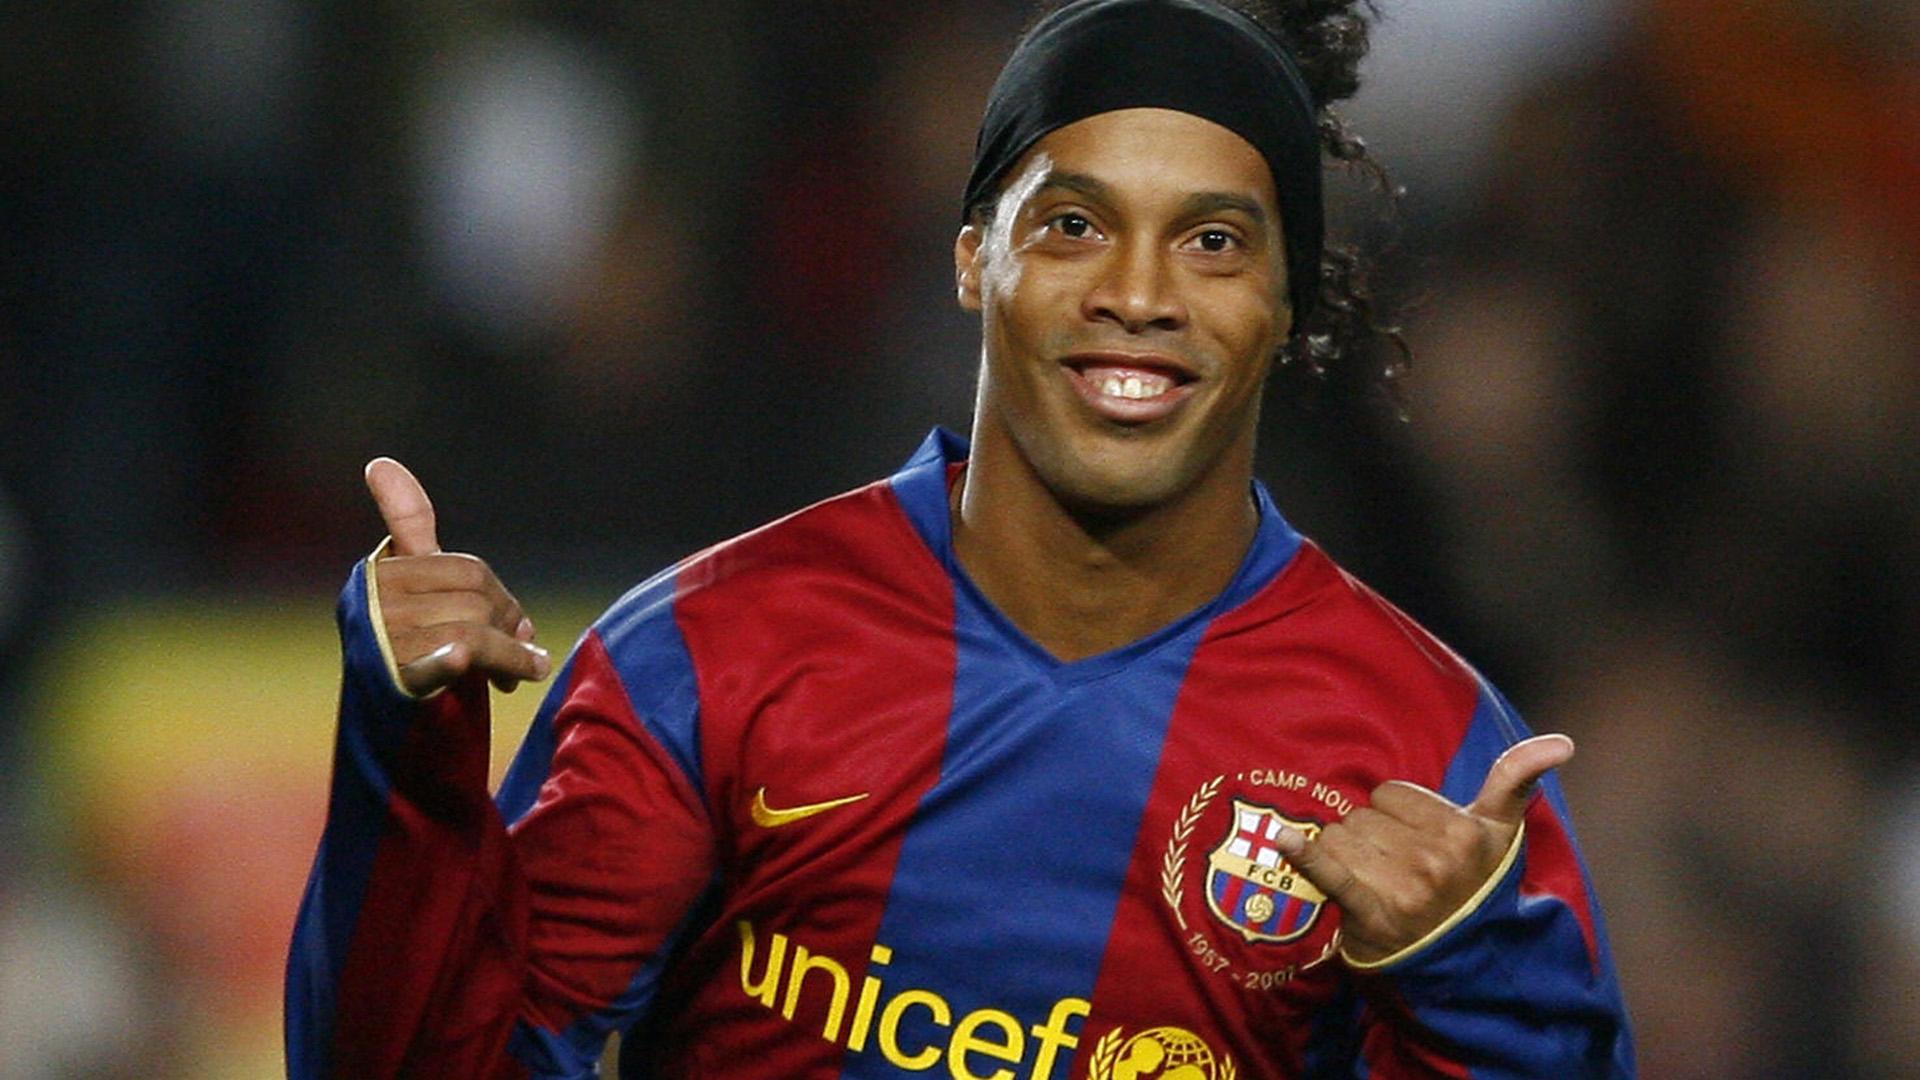 Лучшие футболисты мира фото и имена